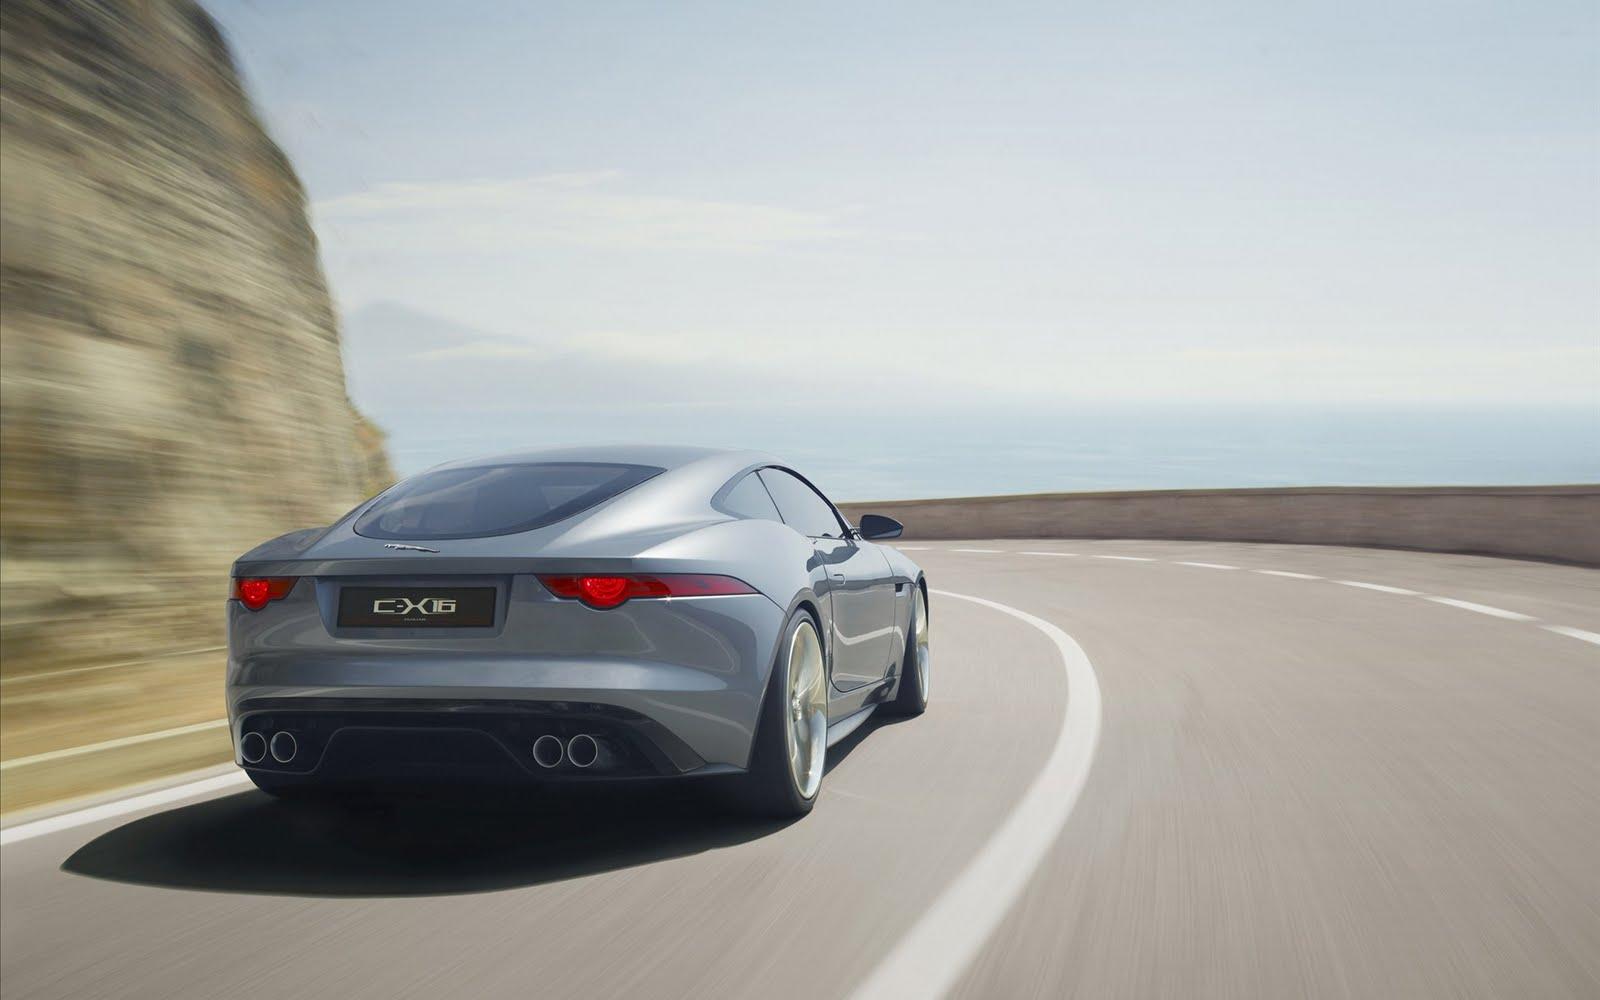 http://1.bp.blogspot.com/-7x0lAGClzAI/Tm4aNE2oBQI/AAAAAAAAA_8/IwAJej8vzSo/s1600/Jaguar-C-X16-Concept-2011-widescreen-04.jpg